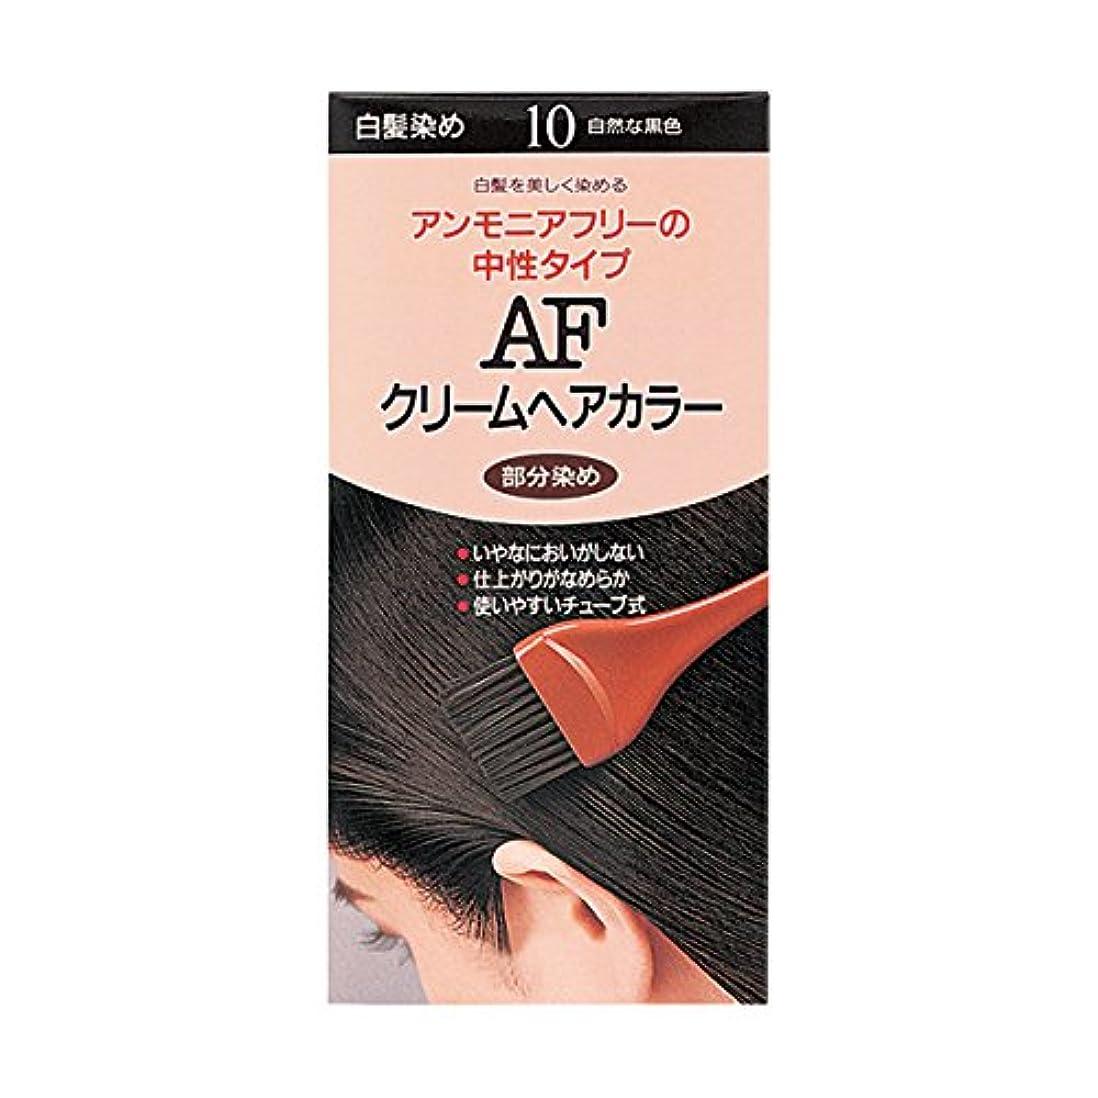 導入する素朴なシロクマヘアカラー AFクリームヘアカラー 10 【医薬部外品】